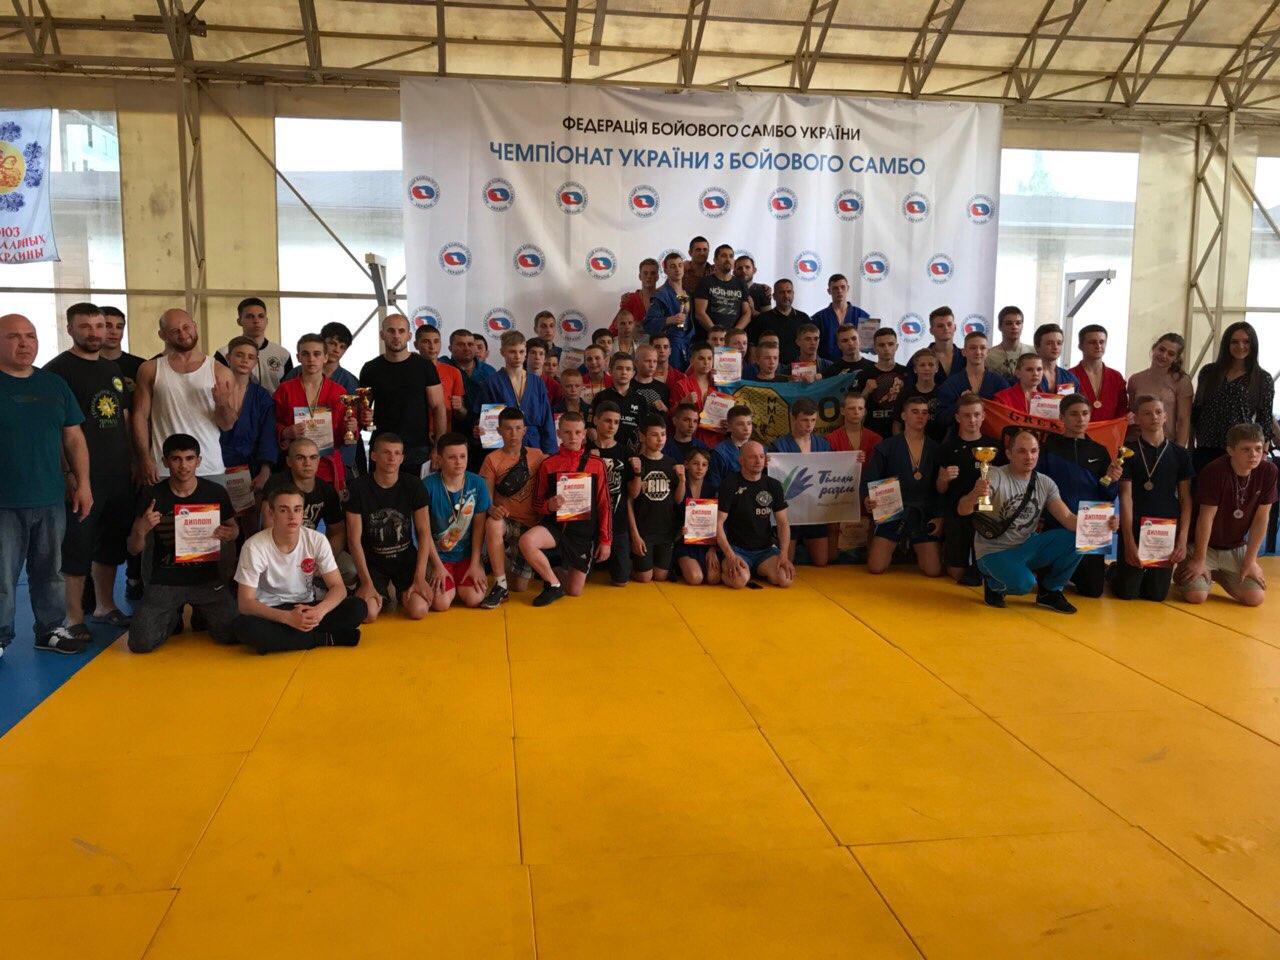 Чемпионат Украины по боевому самбо: одесситы привезли 8 золотых медалей и 1 бронзу